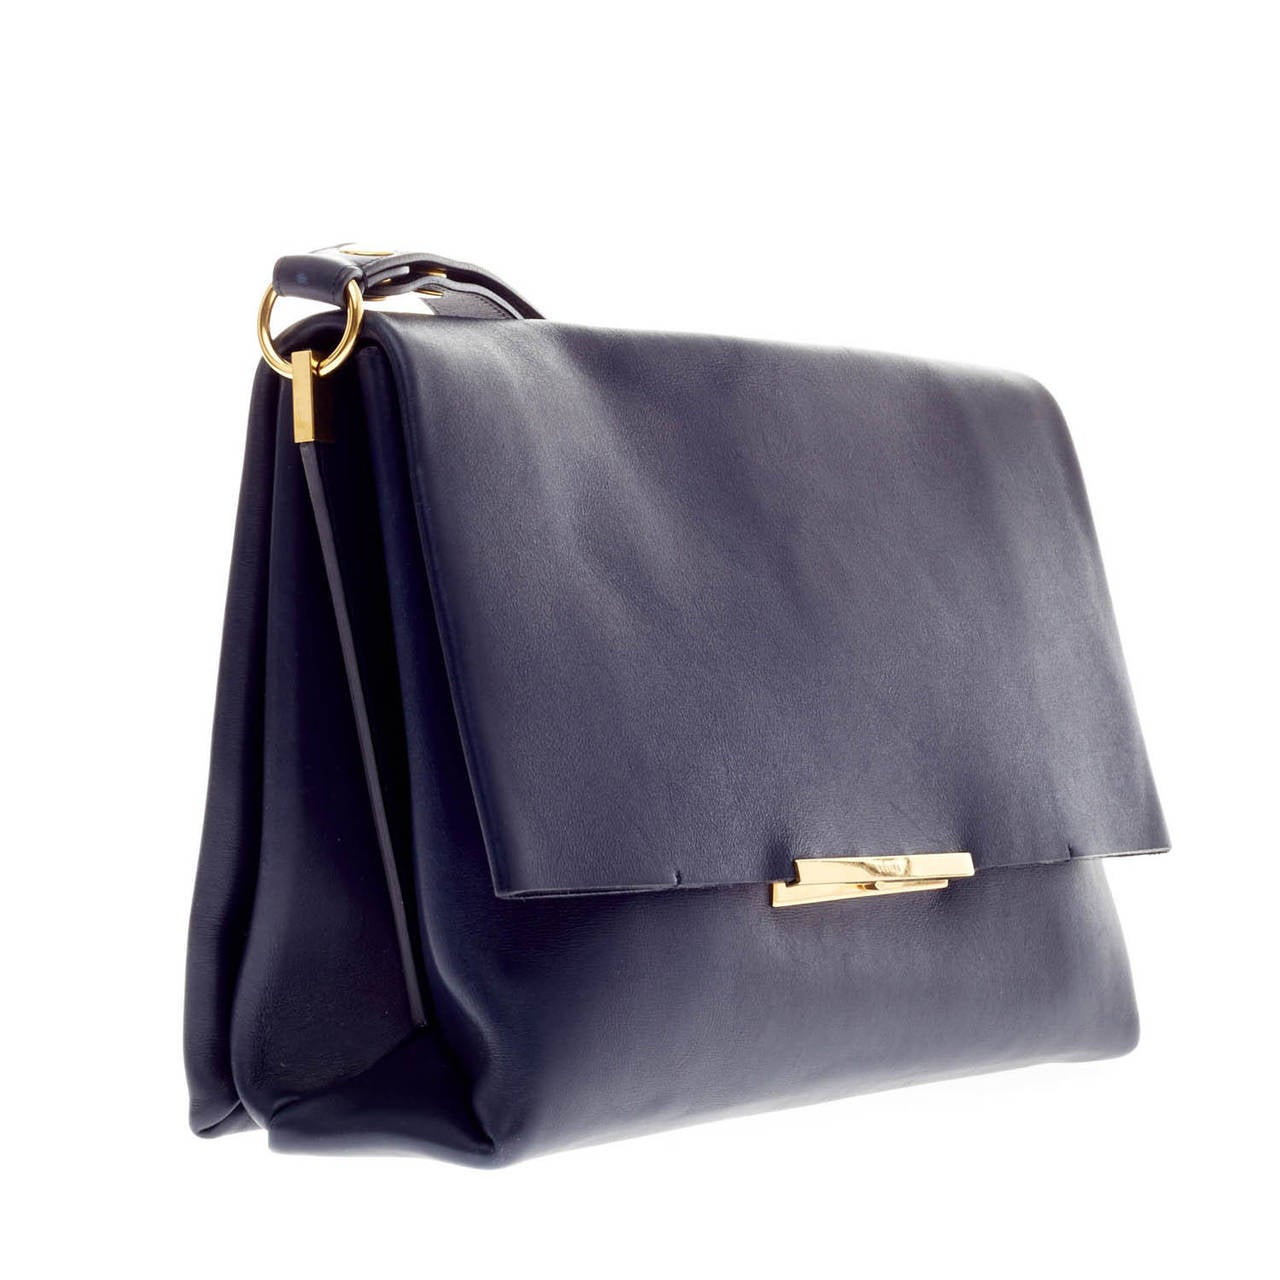 Celine Blade Shoulder Bag Leather at 1stdibs